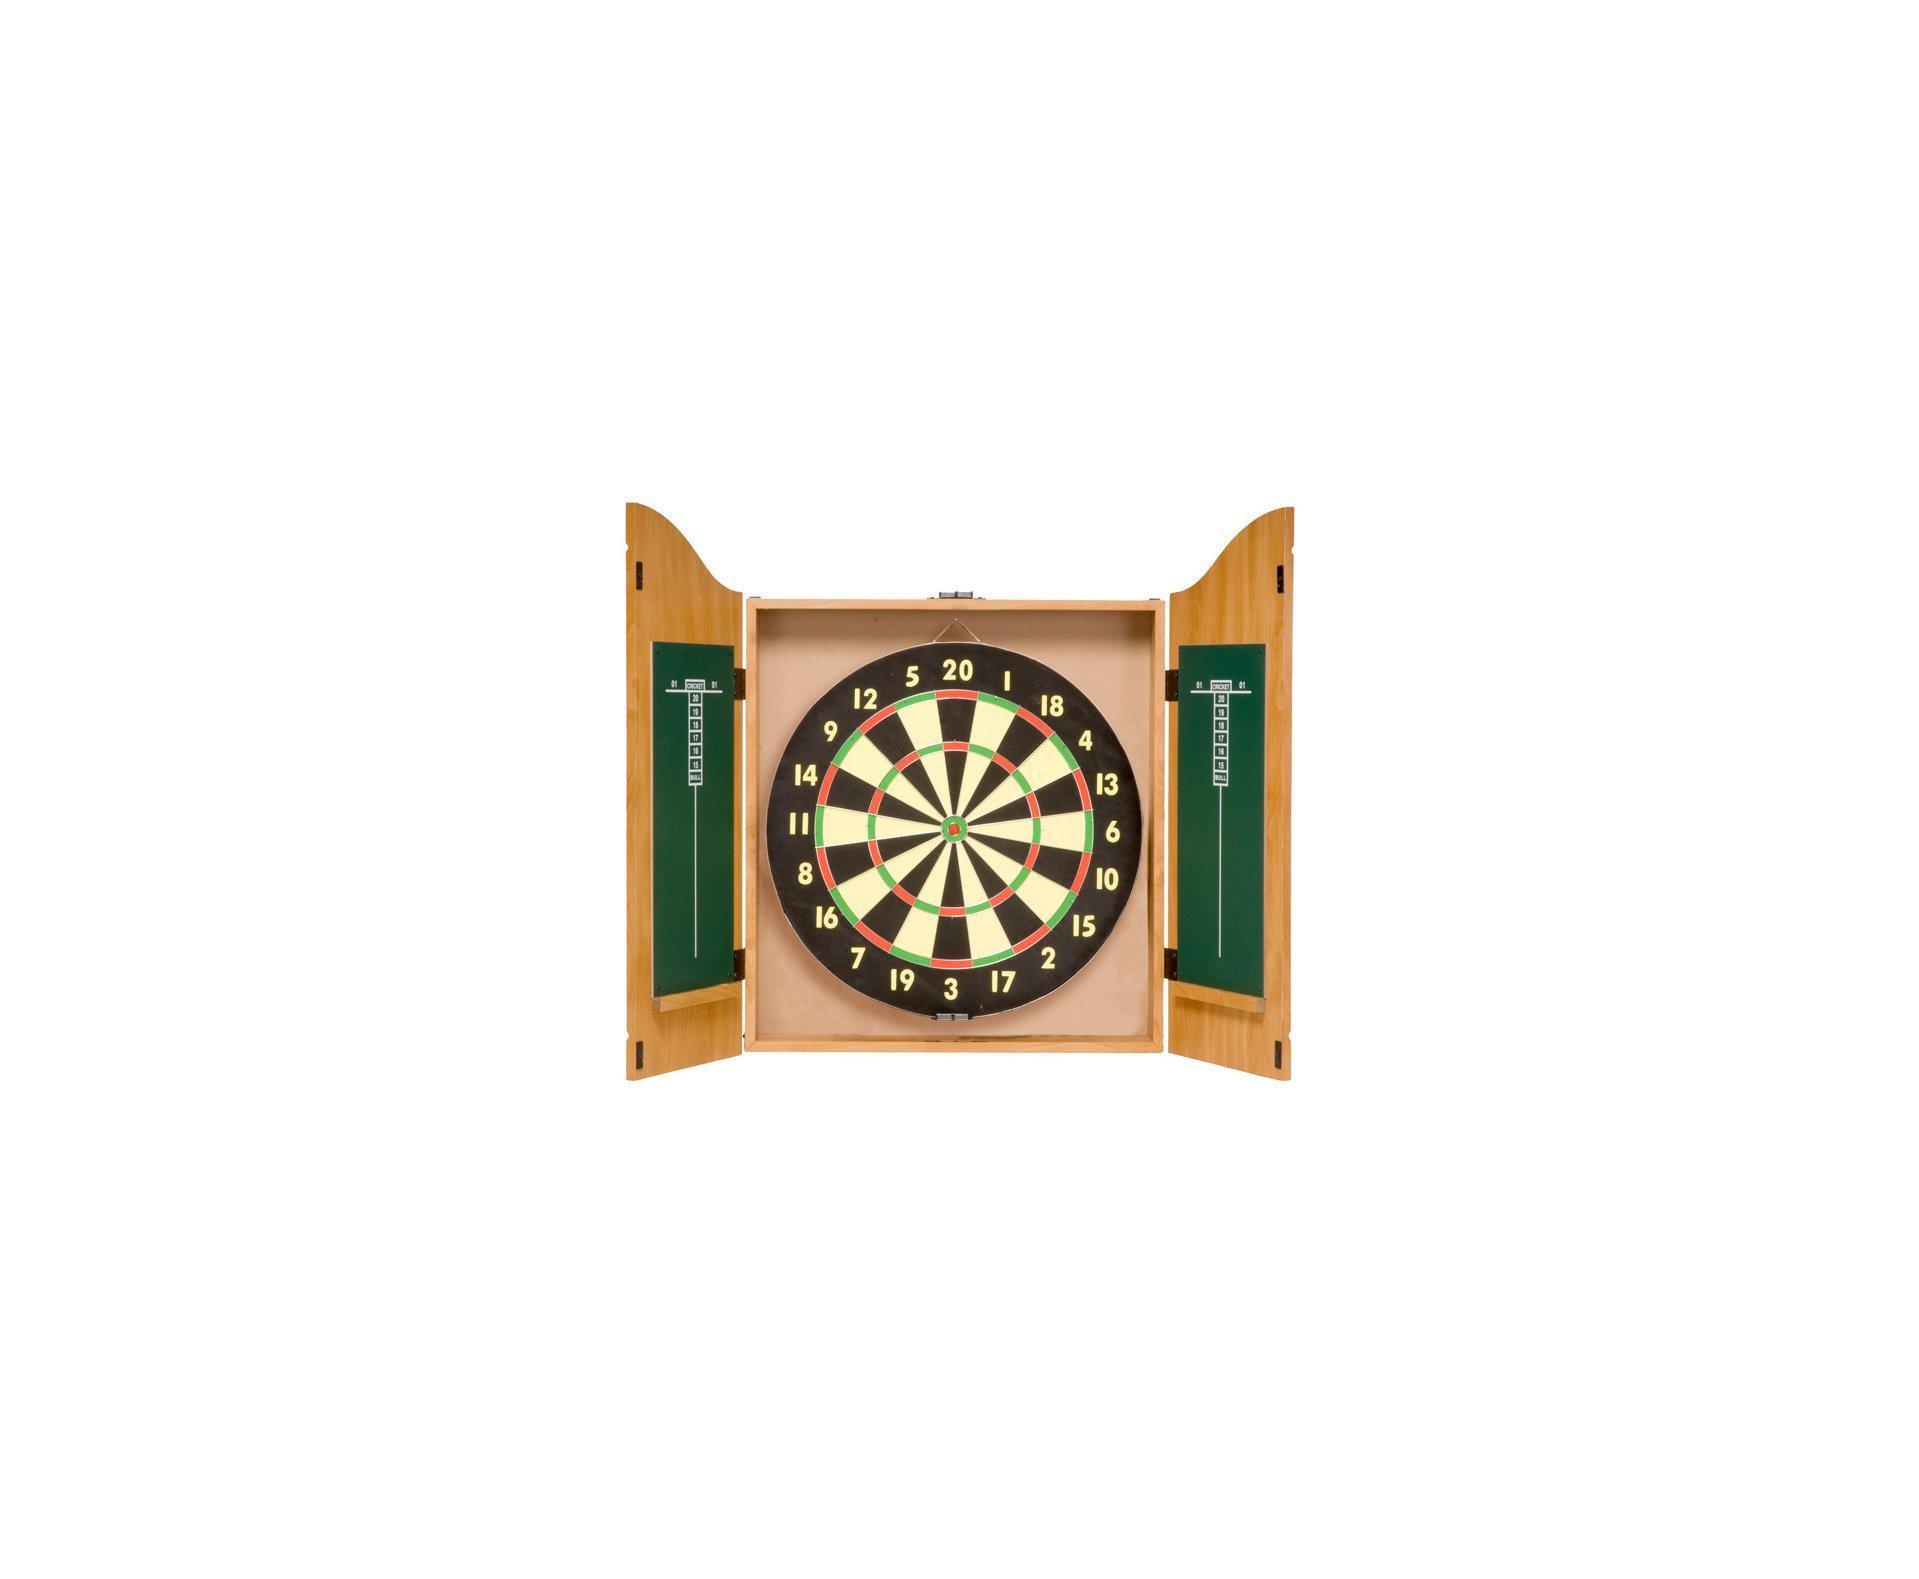 Jogo De Dardos Standard - Com Alvo E 06 Dardos - Rossi